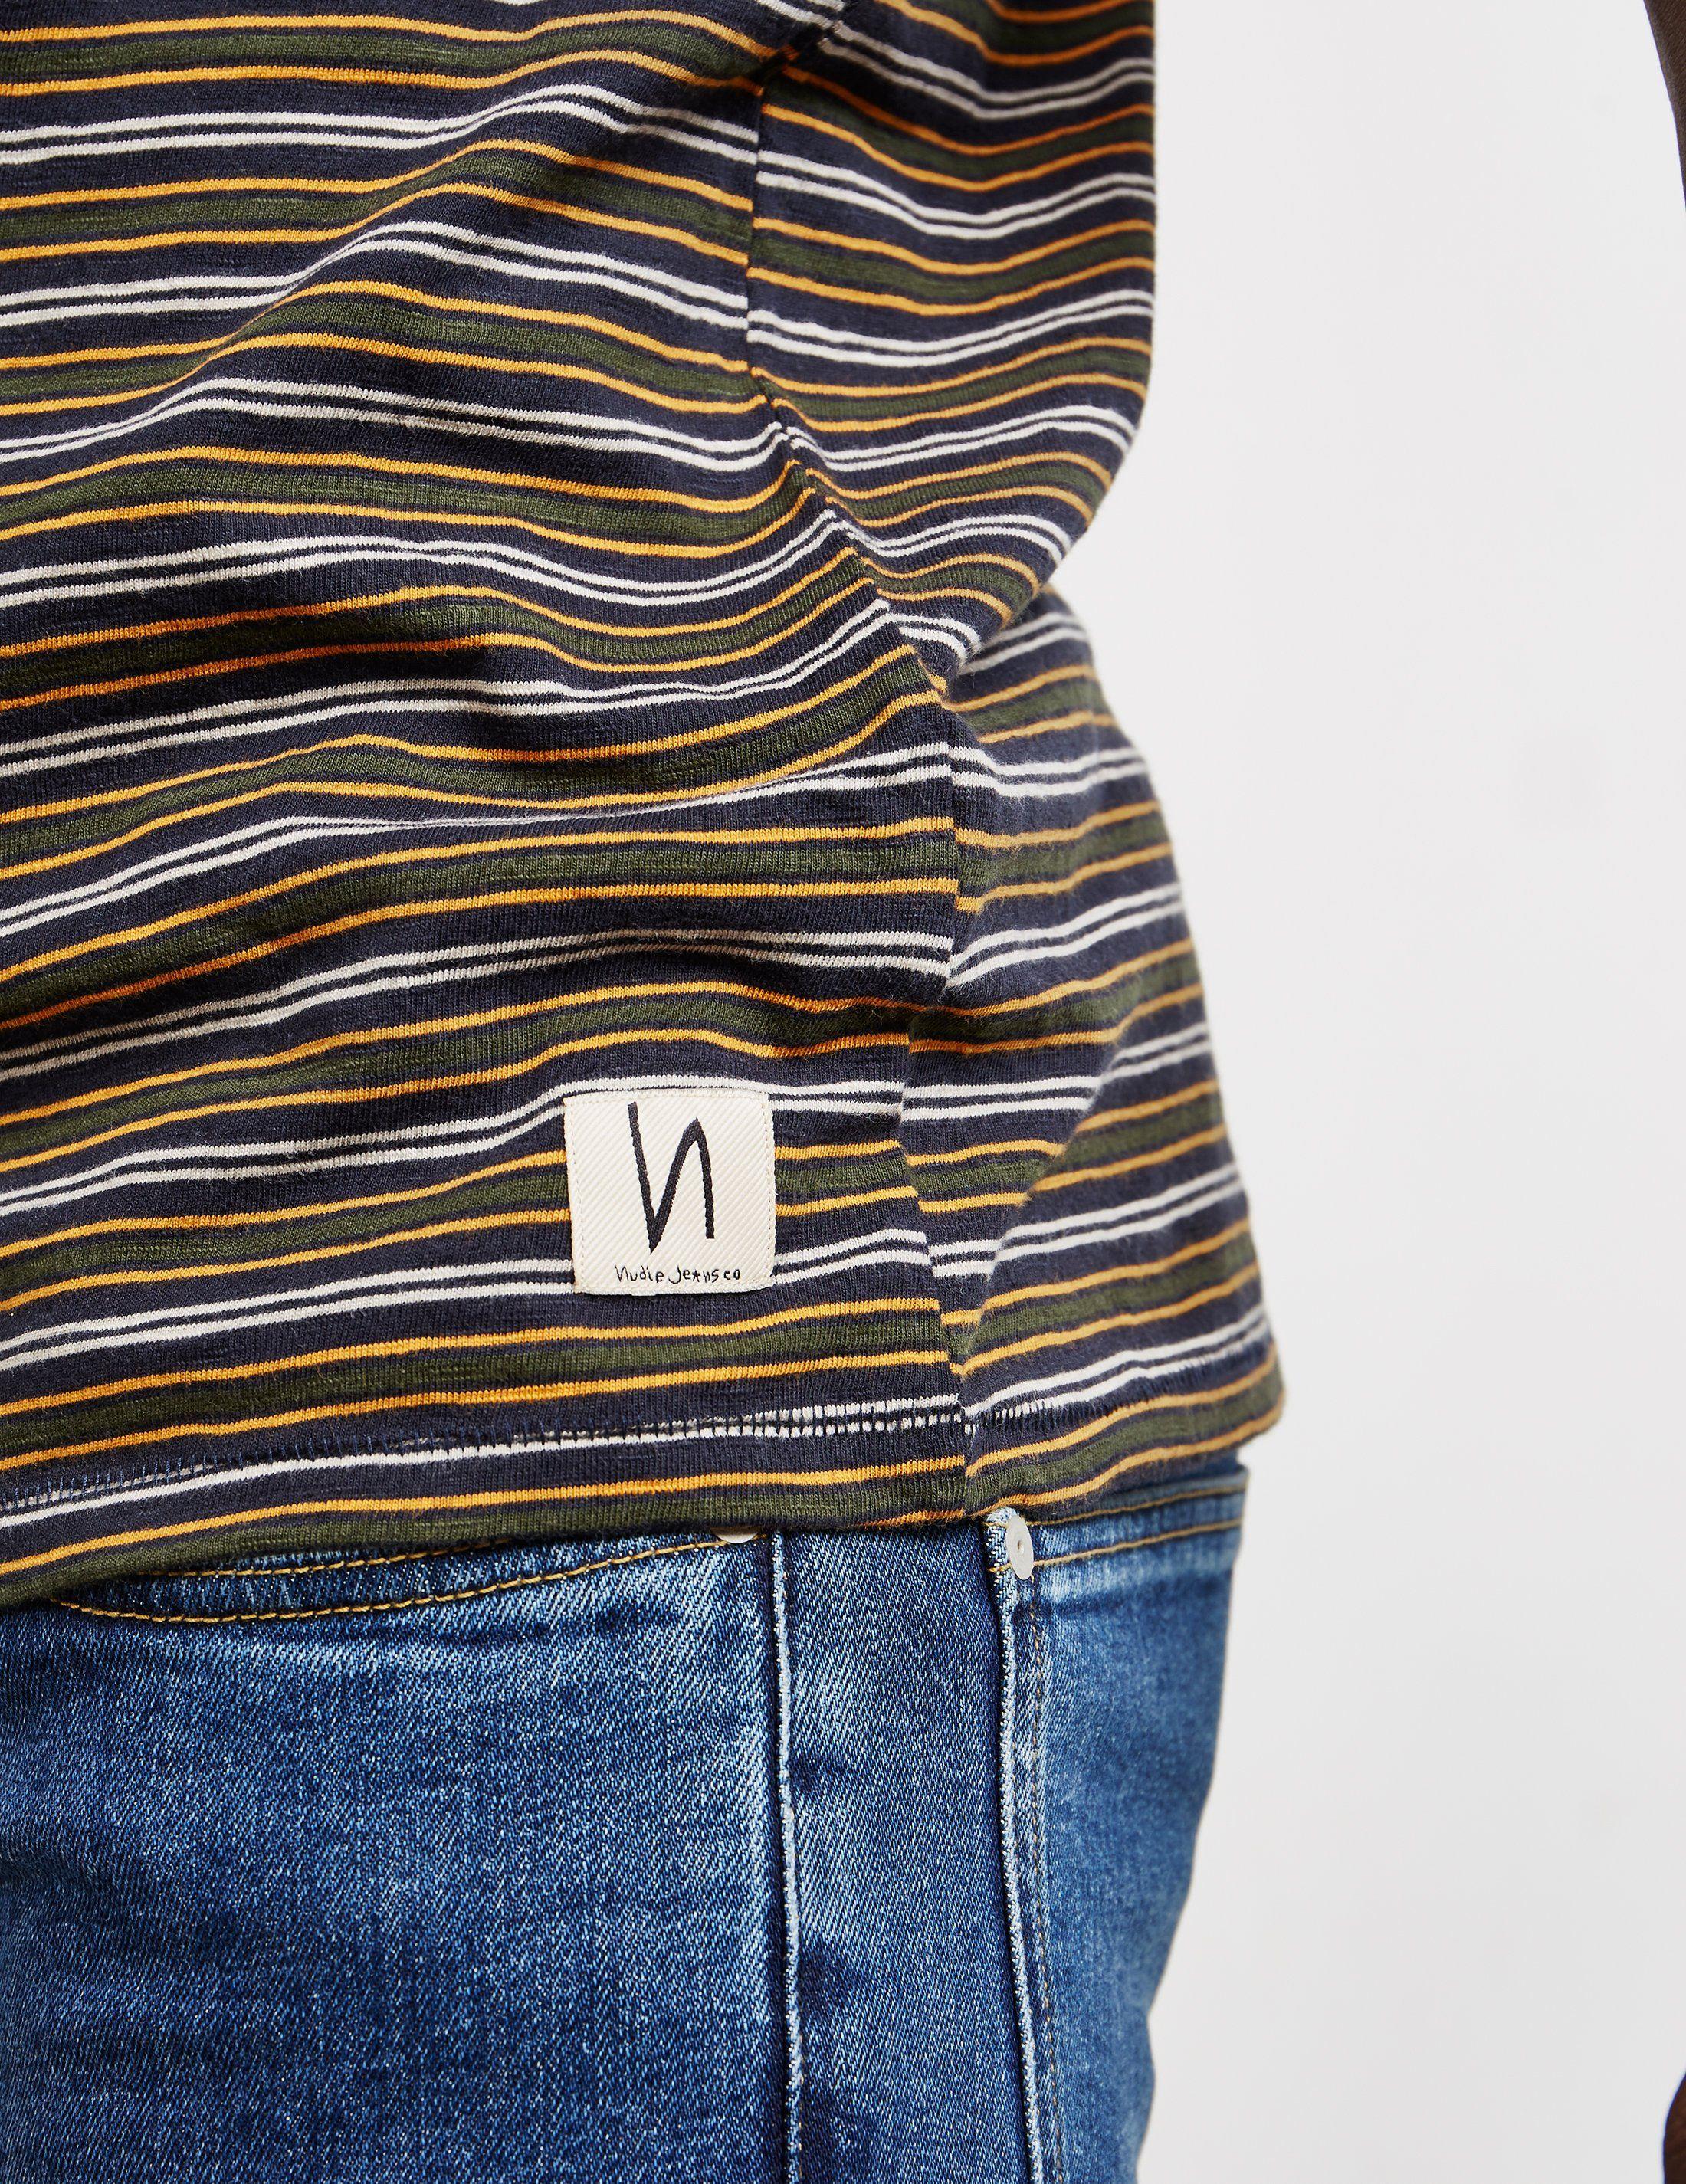 Nudie Jeans Anders Short Sleeve T-Shirt - Online Exclusive